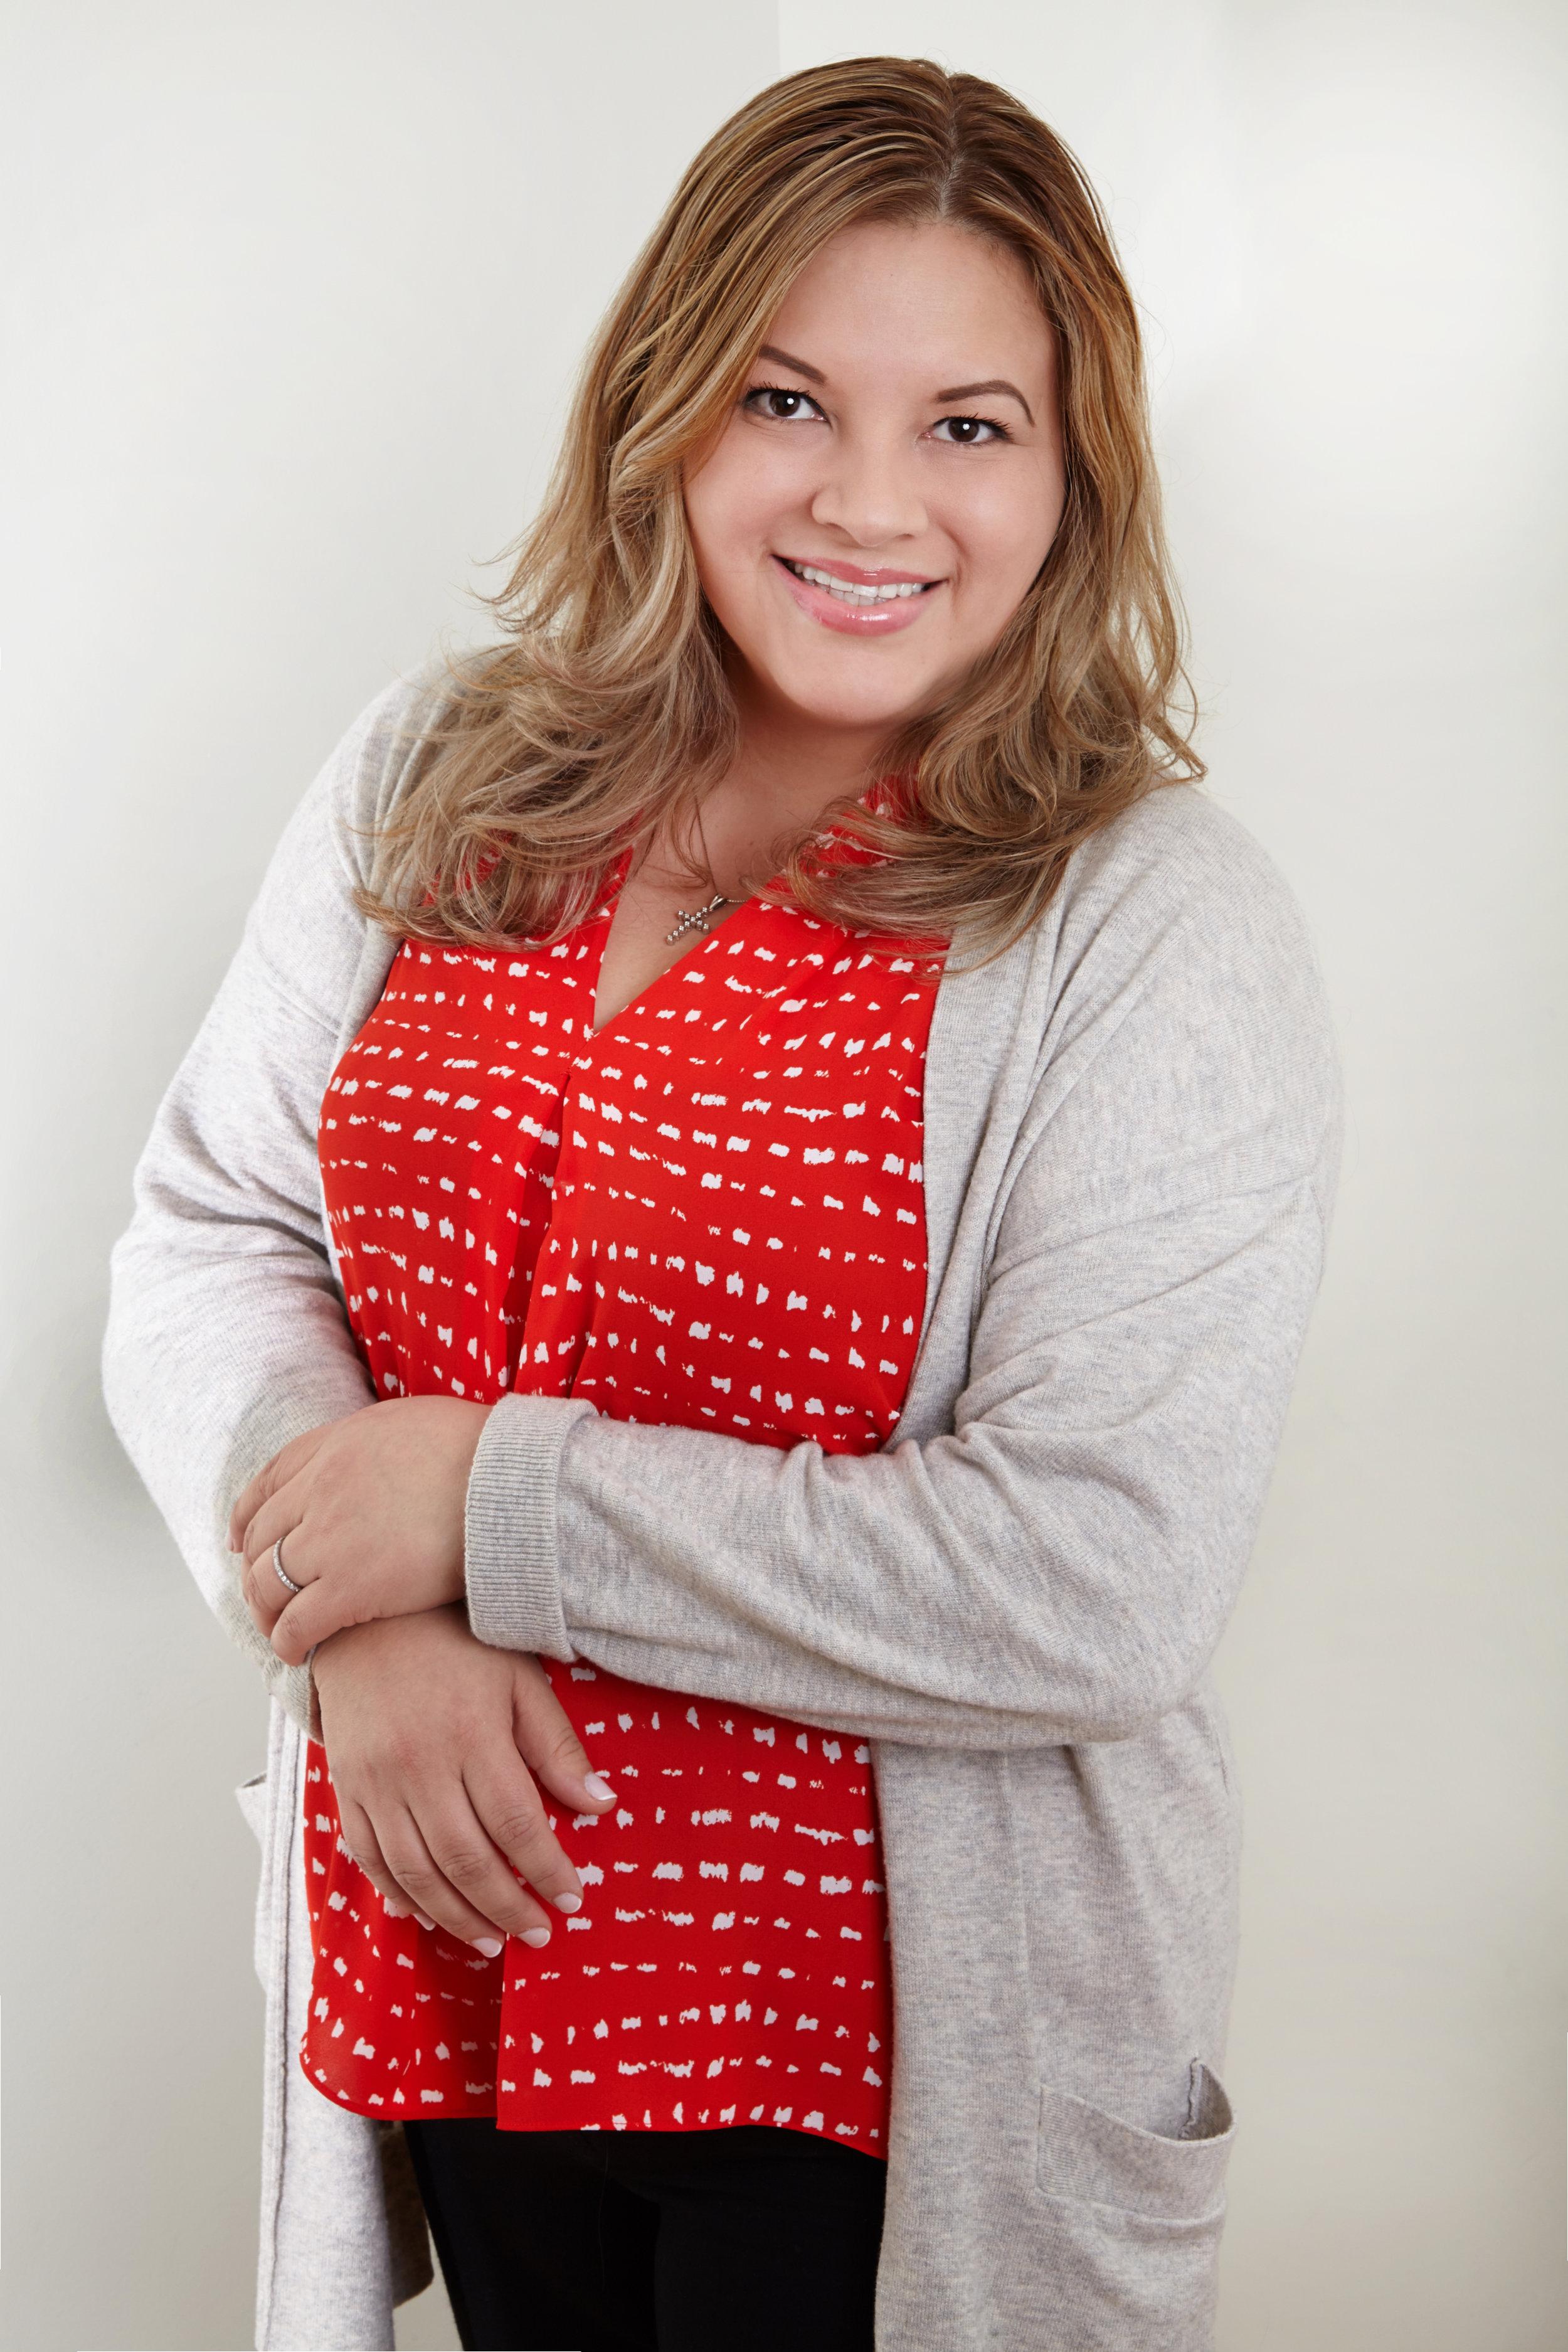 Dr. Marcia Socci